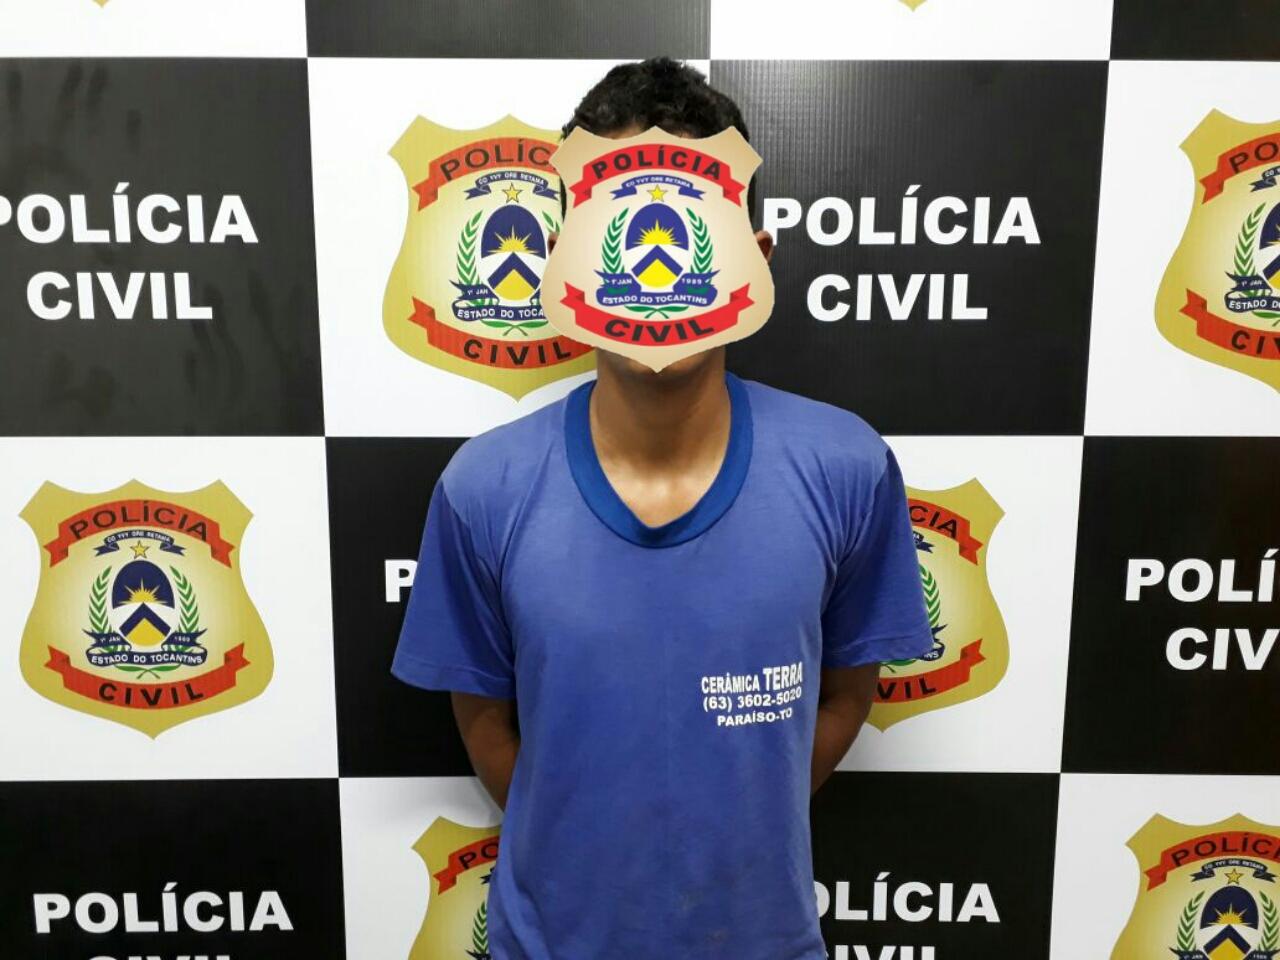 Polícia Civil de Paraíso recupera motos furtadas e devolve aos donos em menos de 6 horas